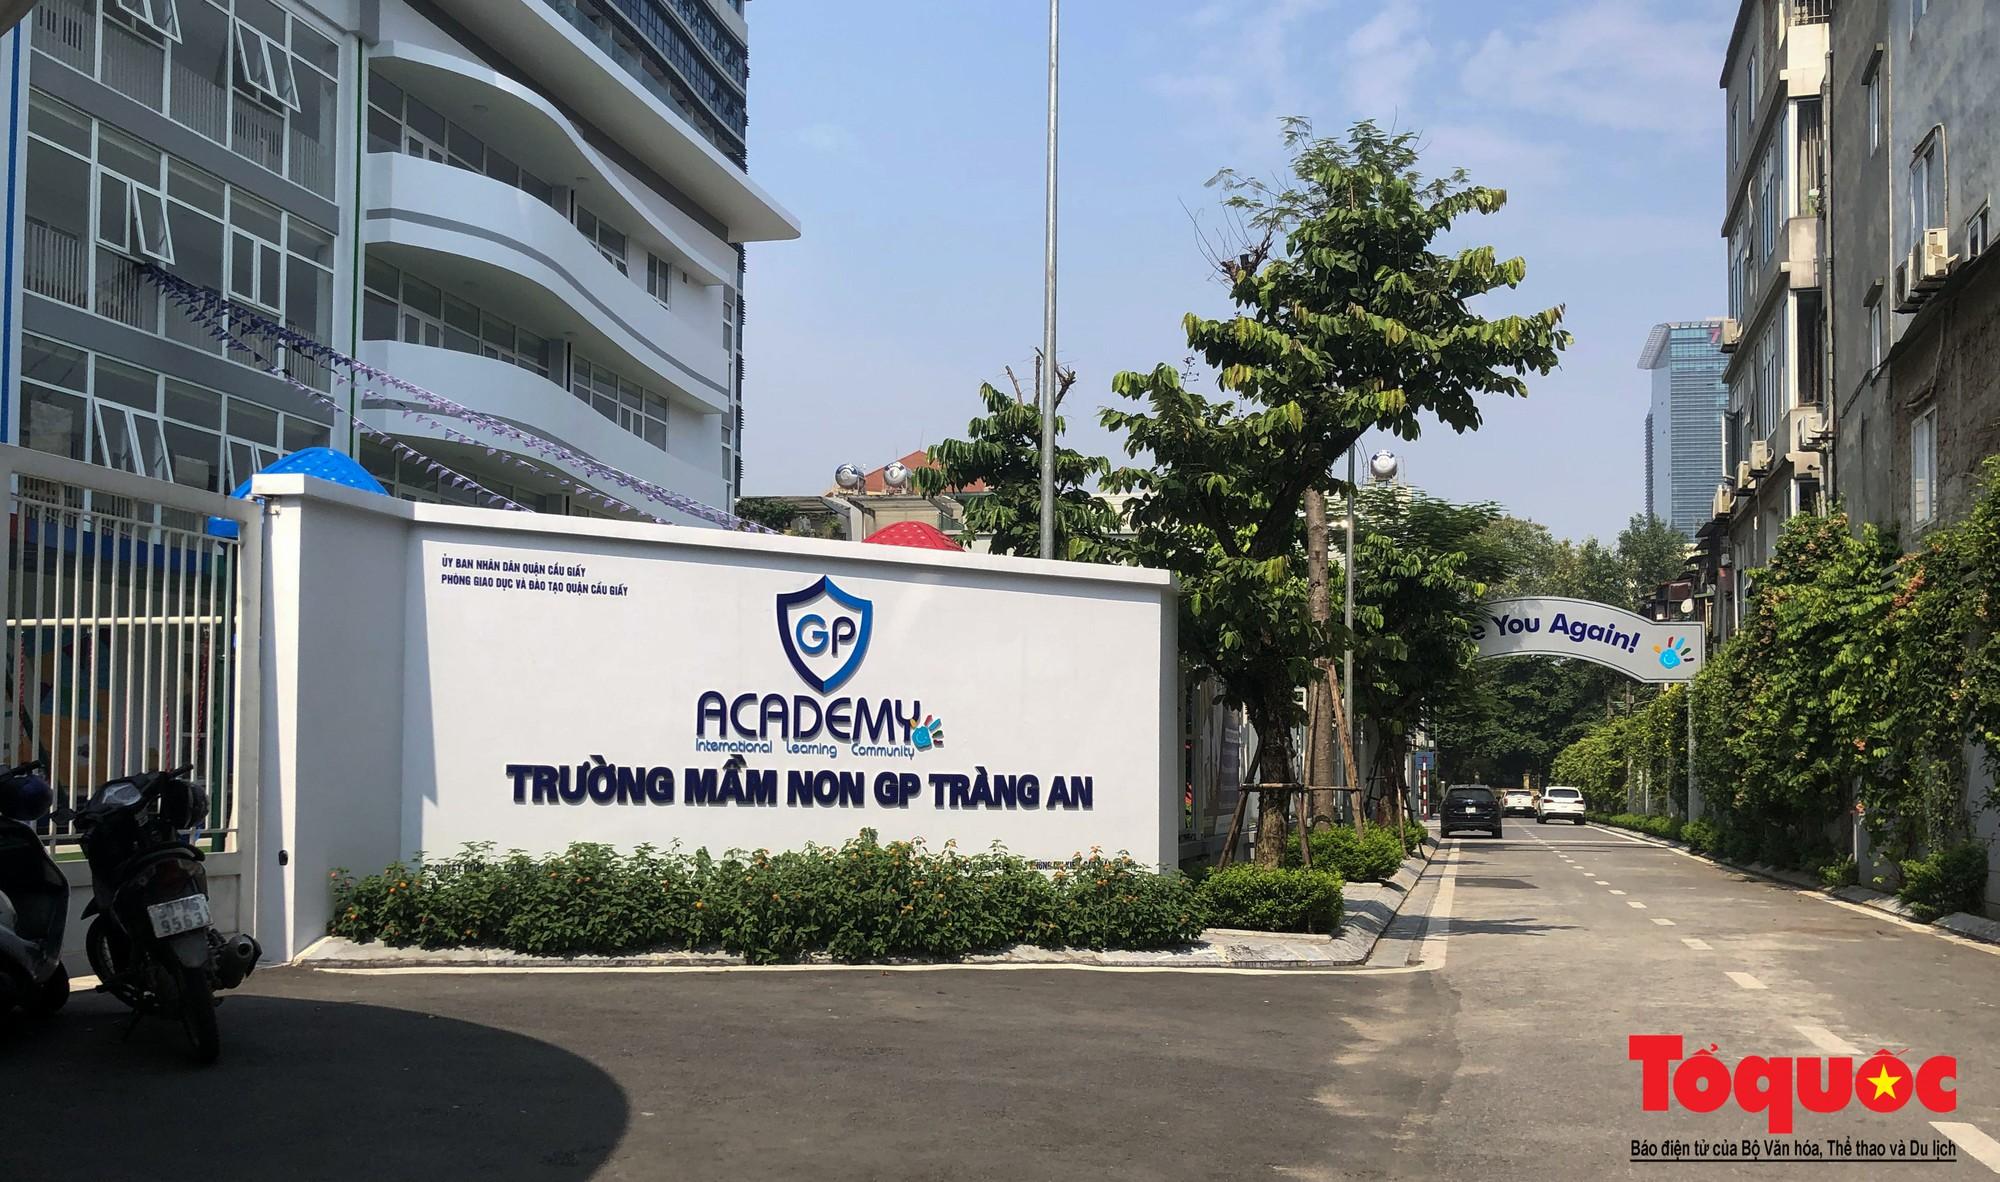 Loạn danh xưng trường quốc tế trên địa bàn quận Cầu Giấy (26)